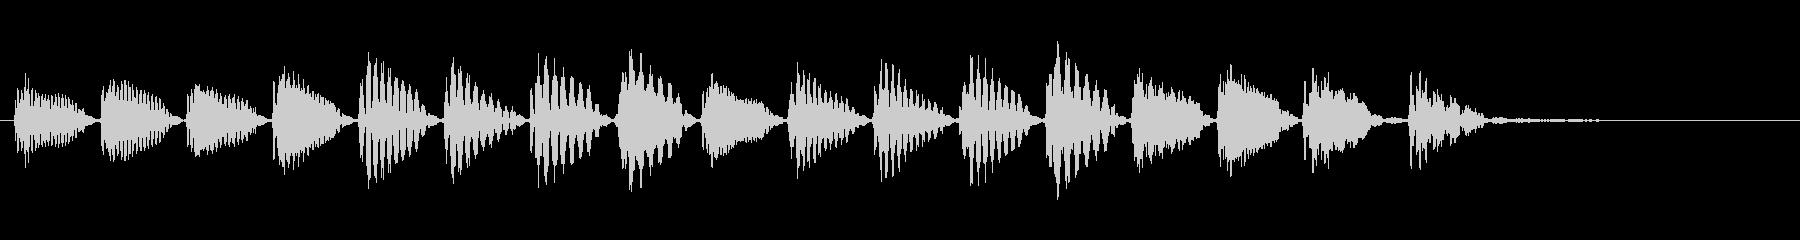 KANT 電子音アイキャッチ207312の未再生の波形